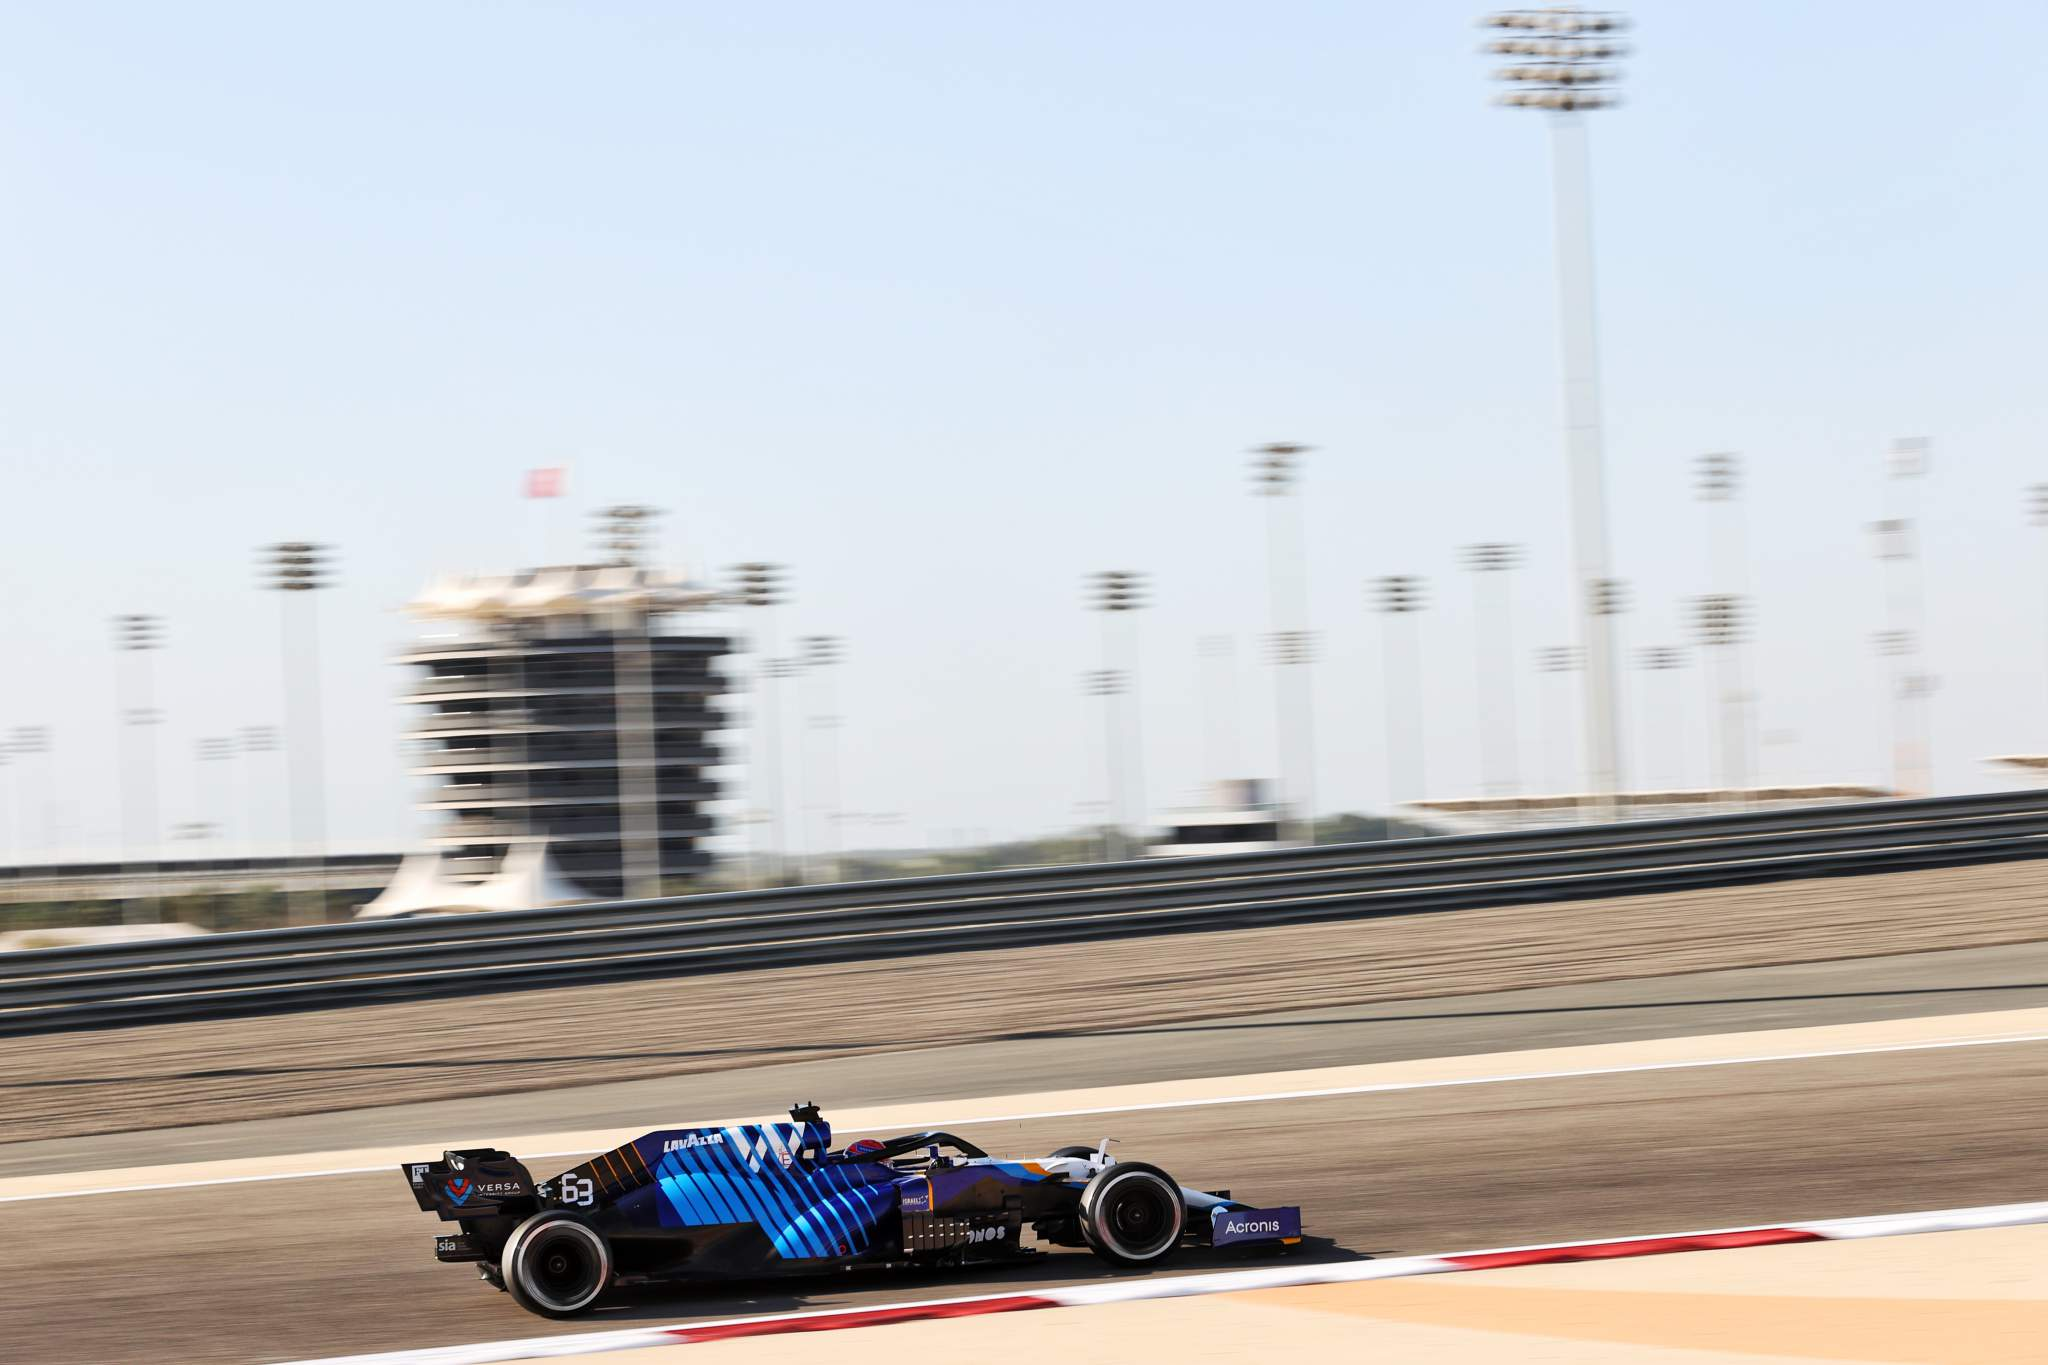 Motor Racing Formula One Testing Day Three Sakhir, Bahrain